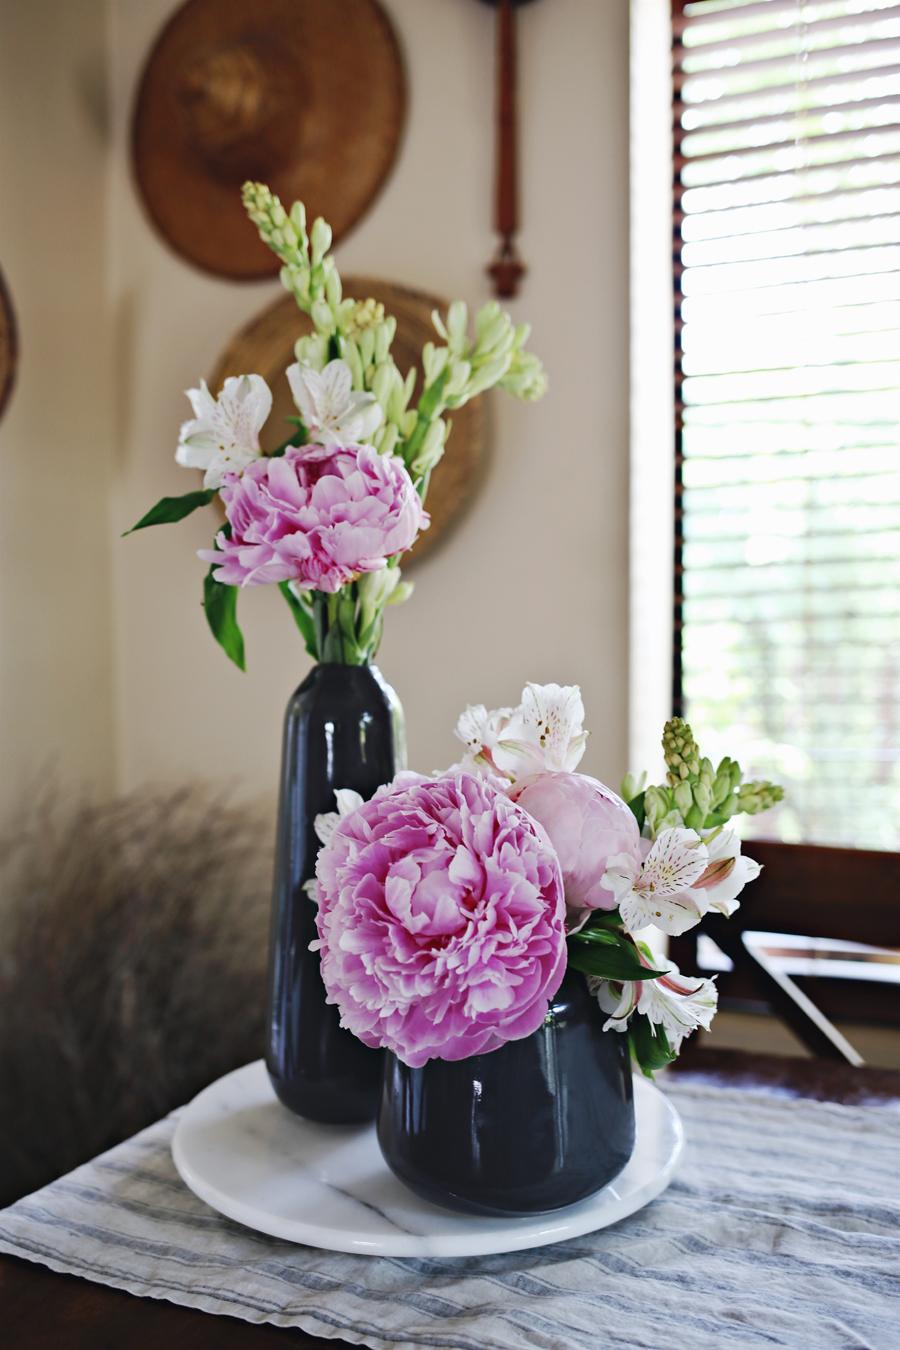 Canvas Home | Minimalist Blooms | Dine X Design